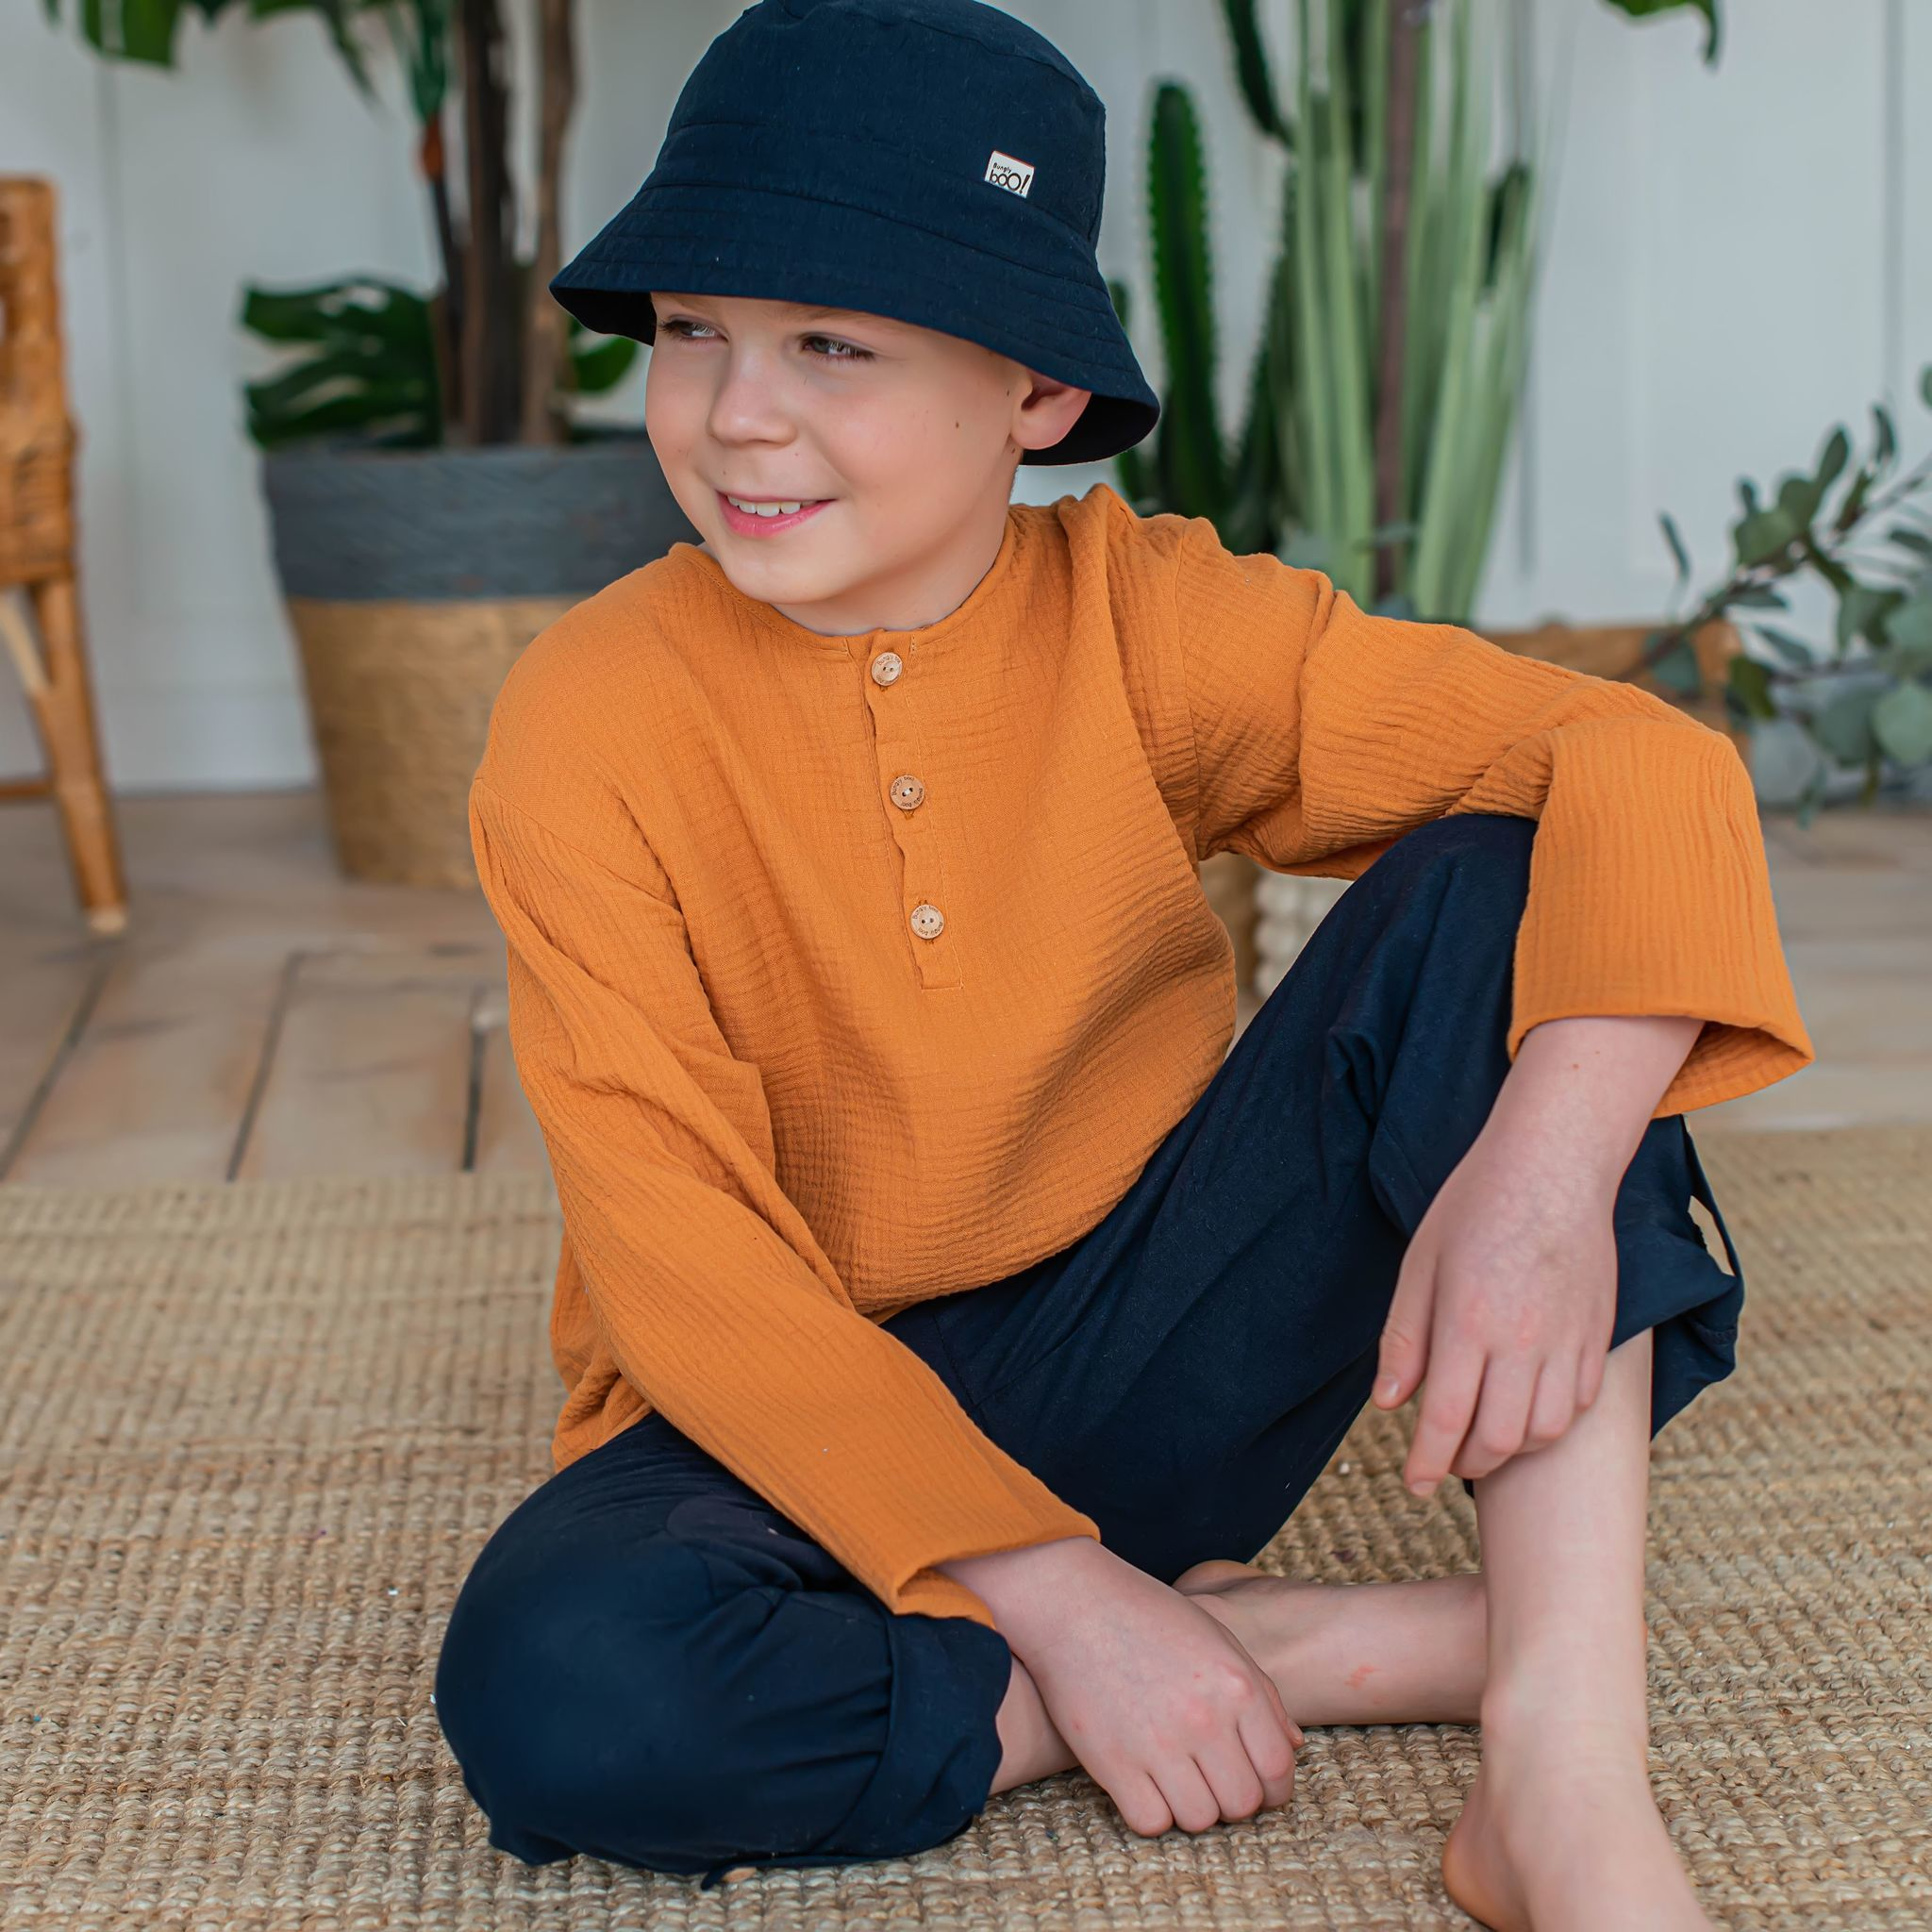 Muslin shirt for teens - Nut